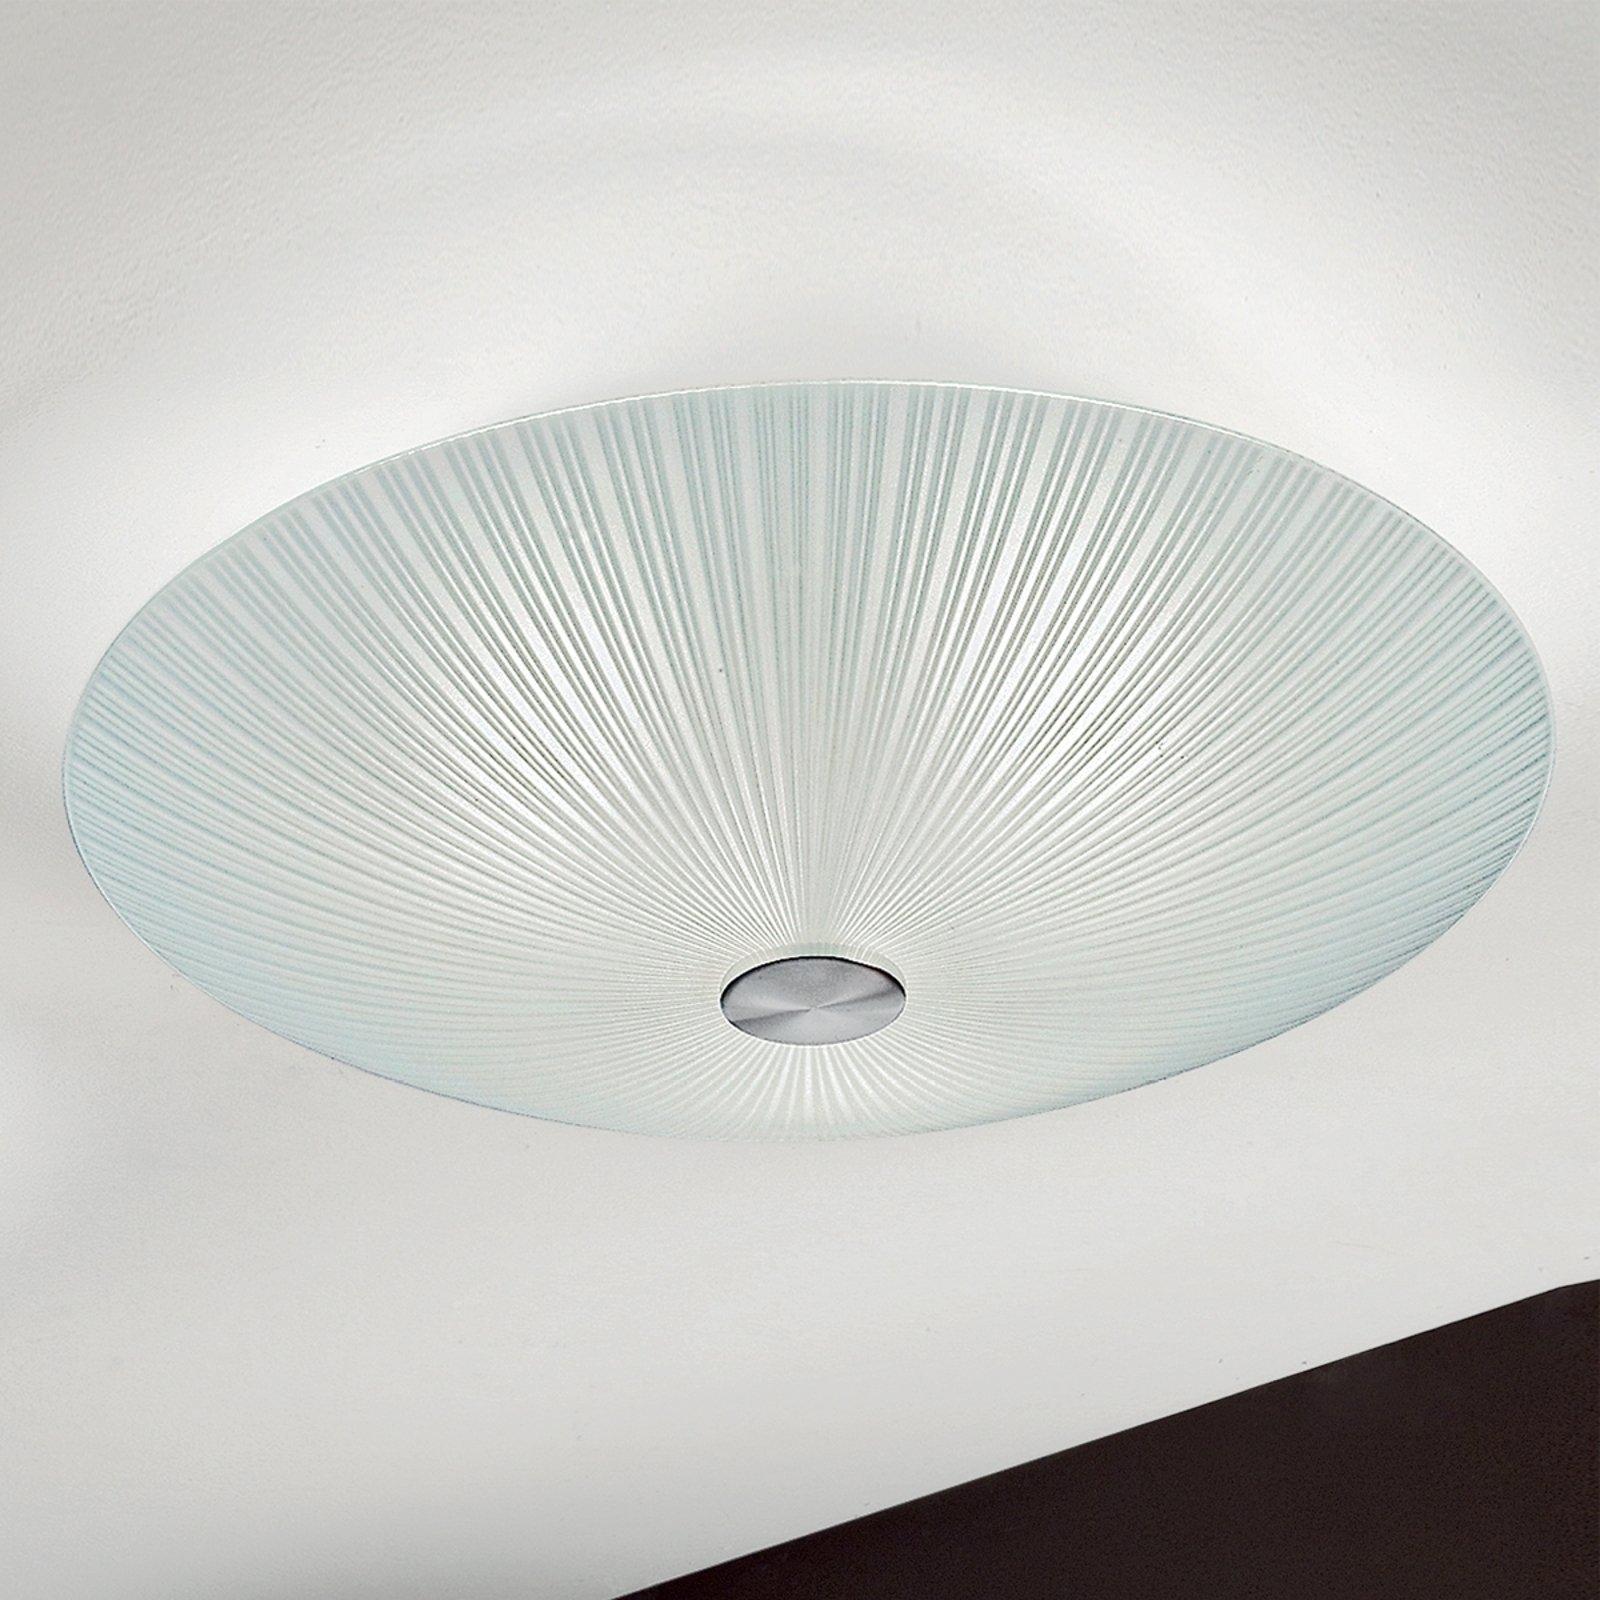 Unik VINDIRA taklampe 40 cm